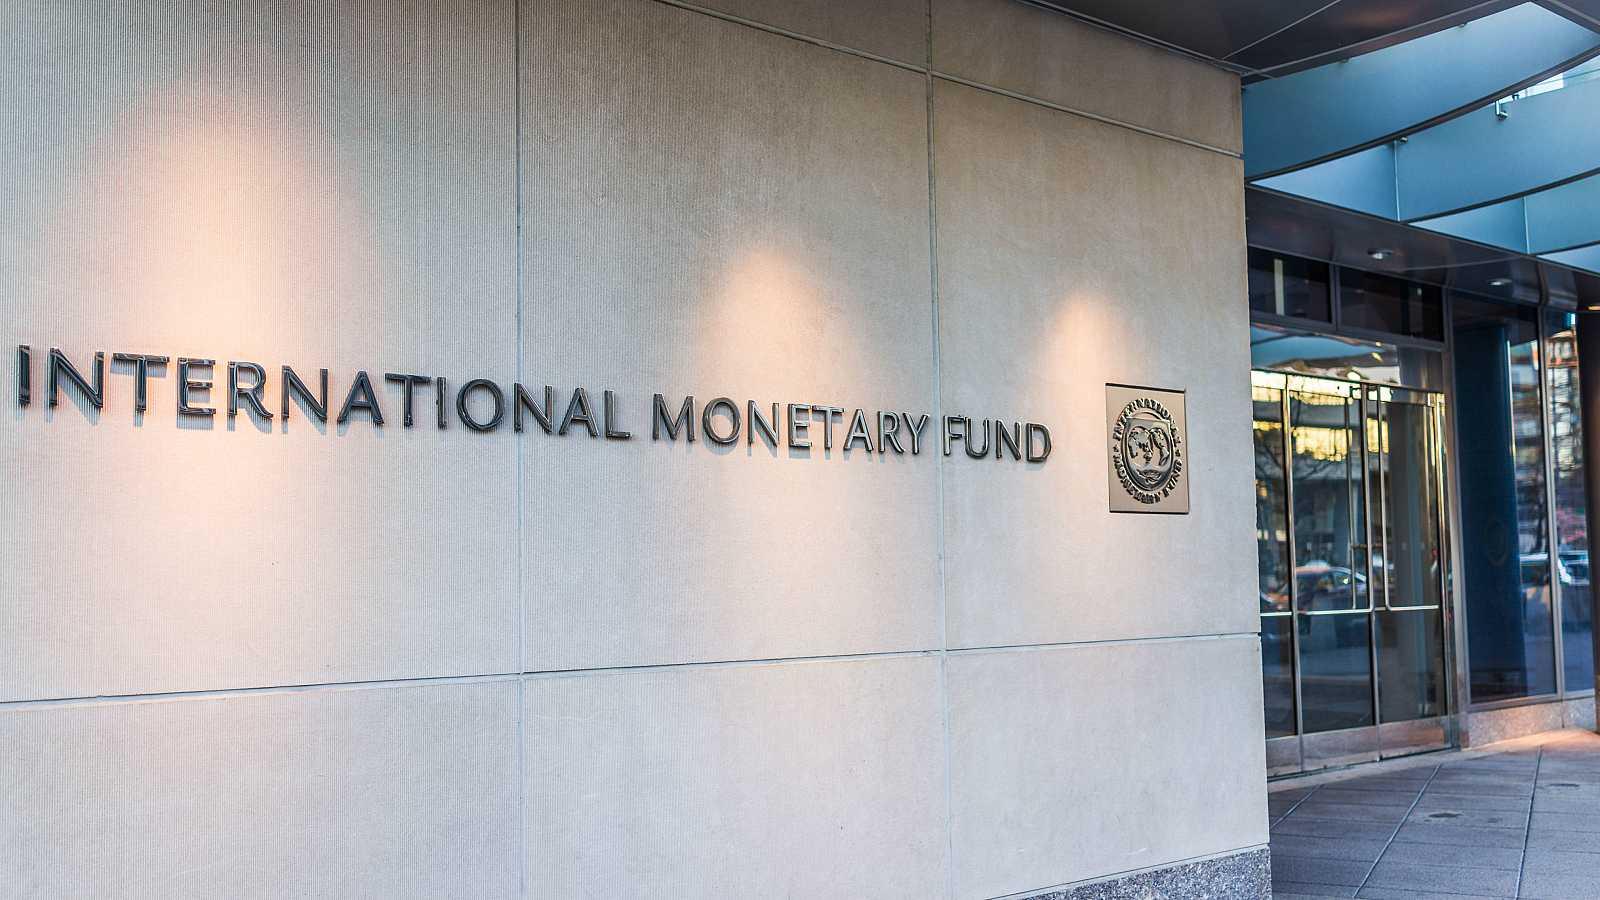 Sede del Fondo Monetario Internacional (FMI) en Washington, EE.UU.